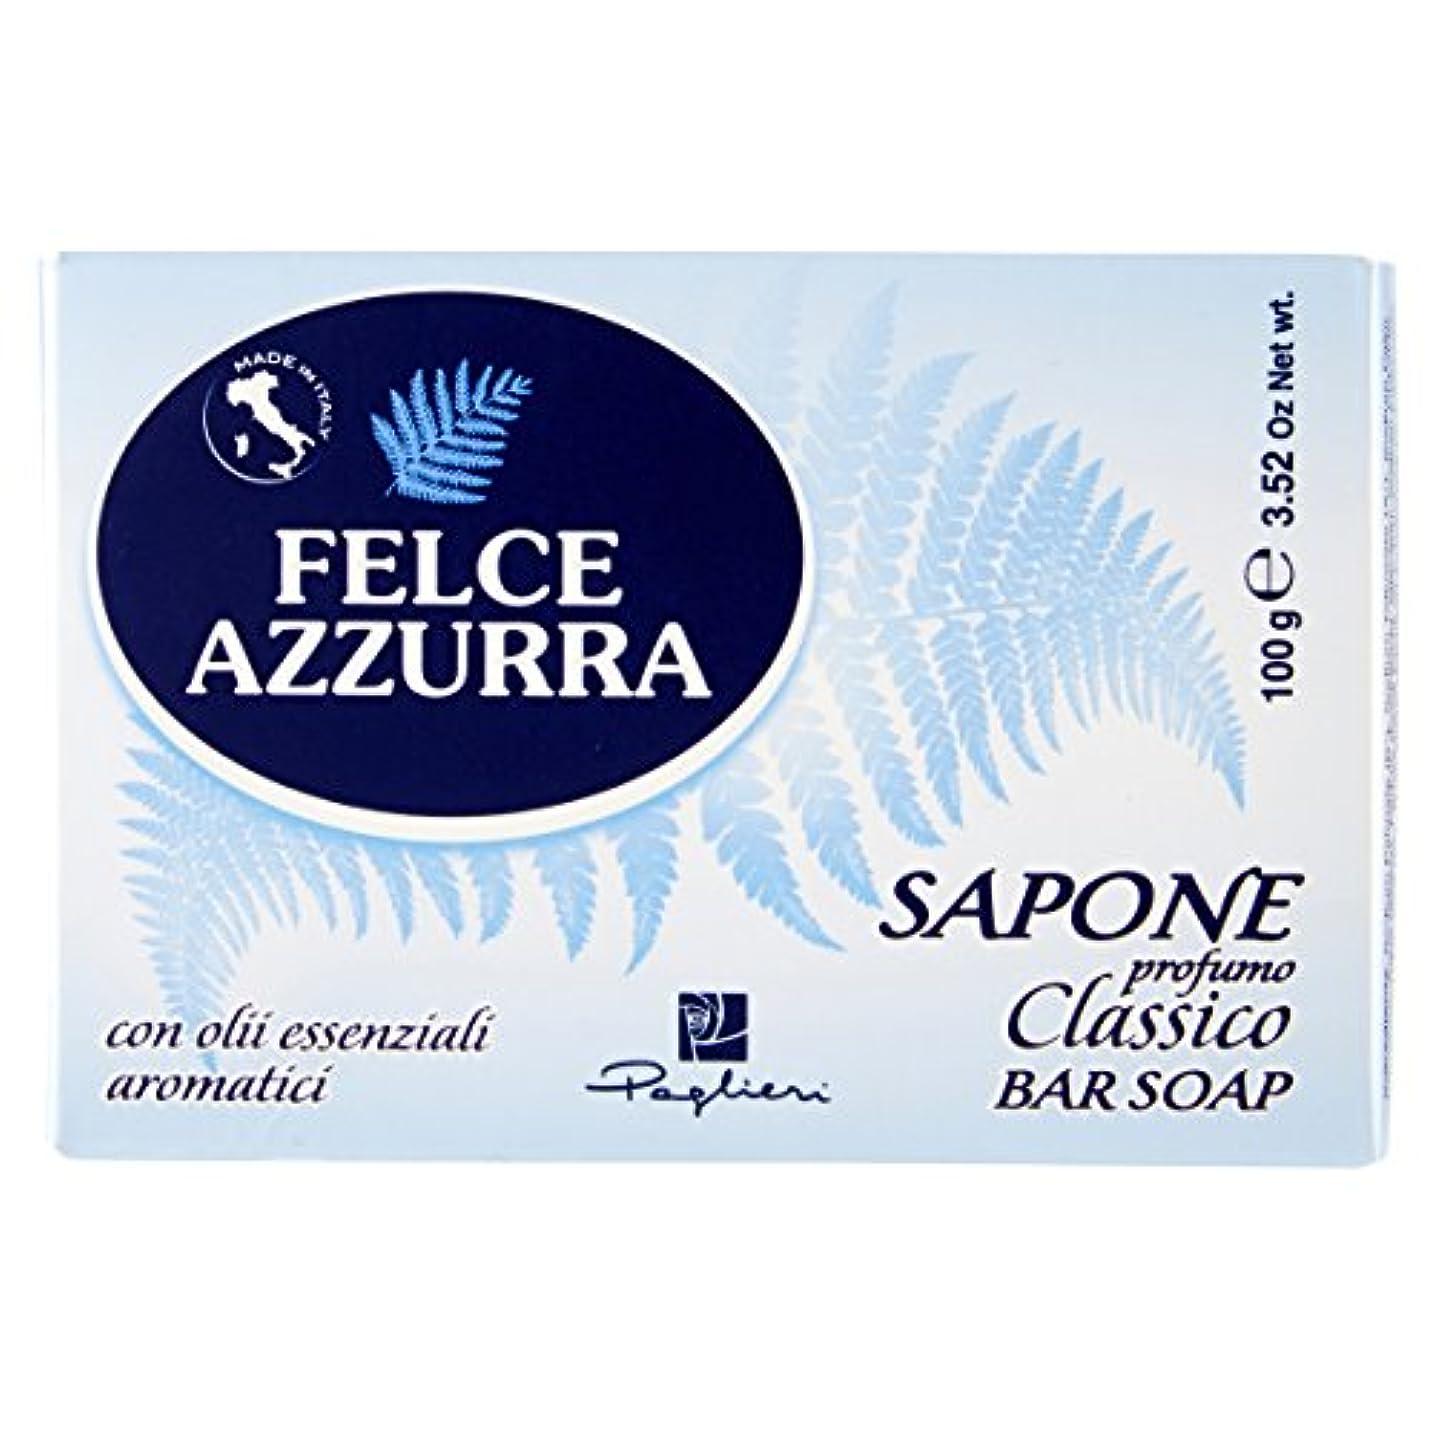 ギャンブル難破船論争の的Felce Azzurra Classico Bar Soap 100g soap by Felce Azzurra by Felce Azzurra